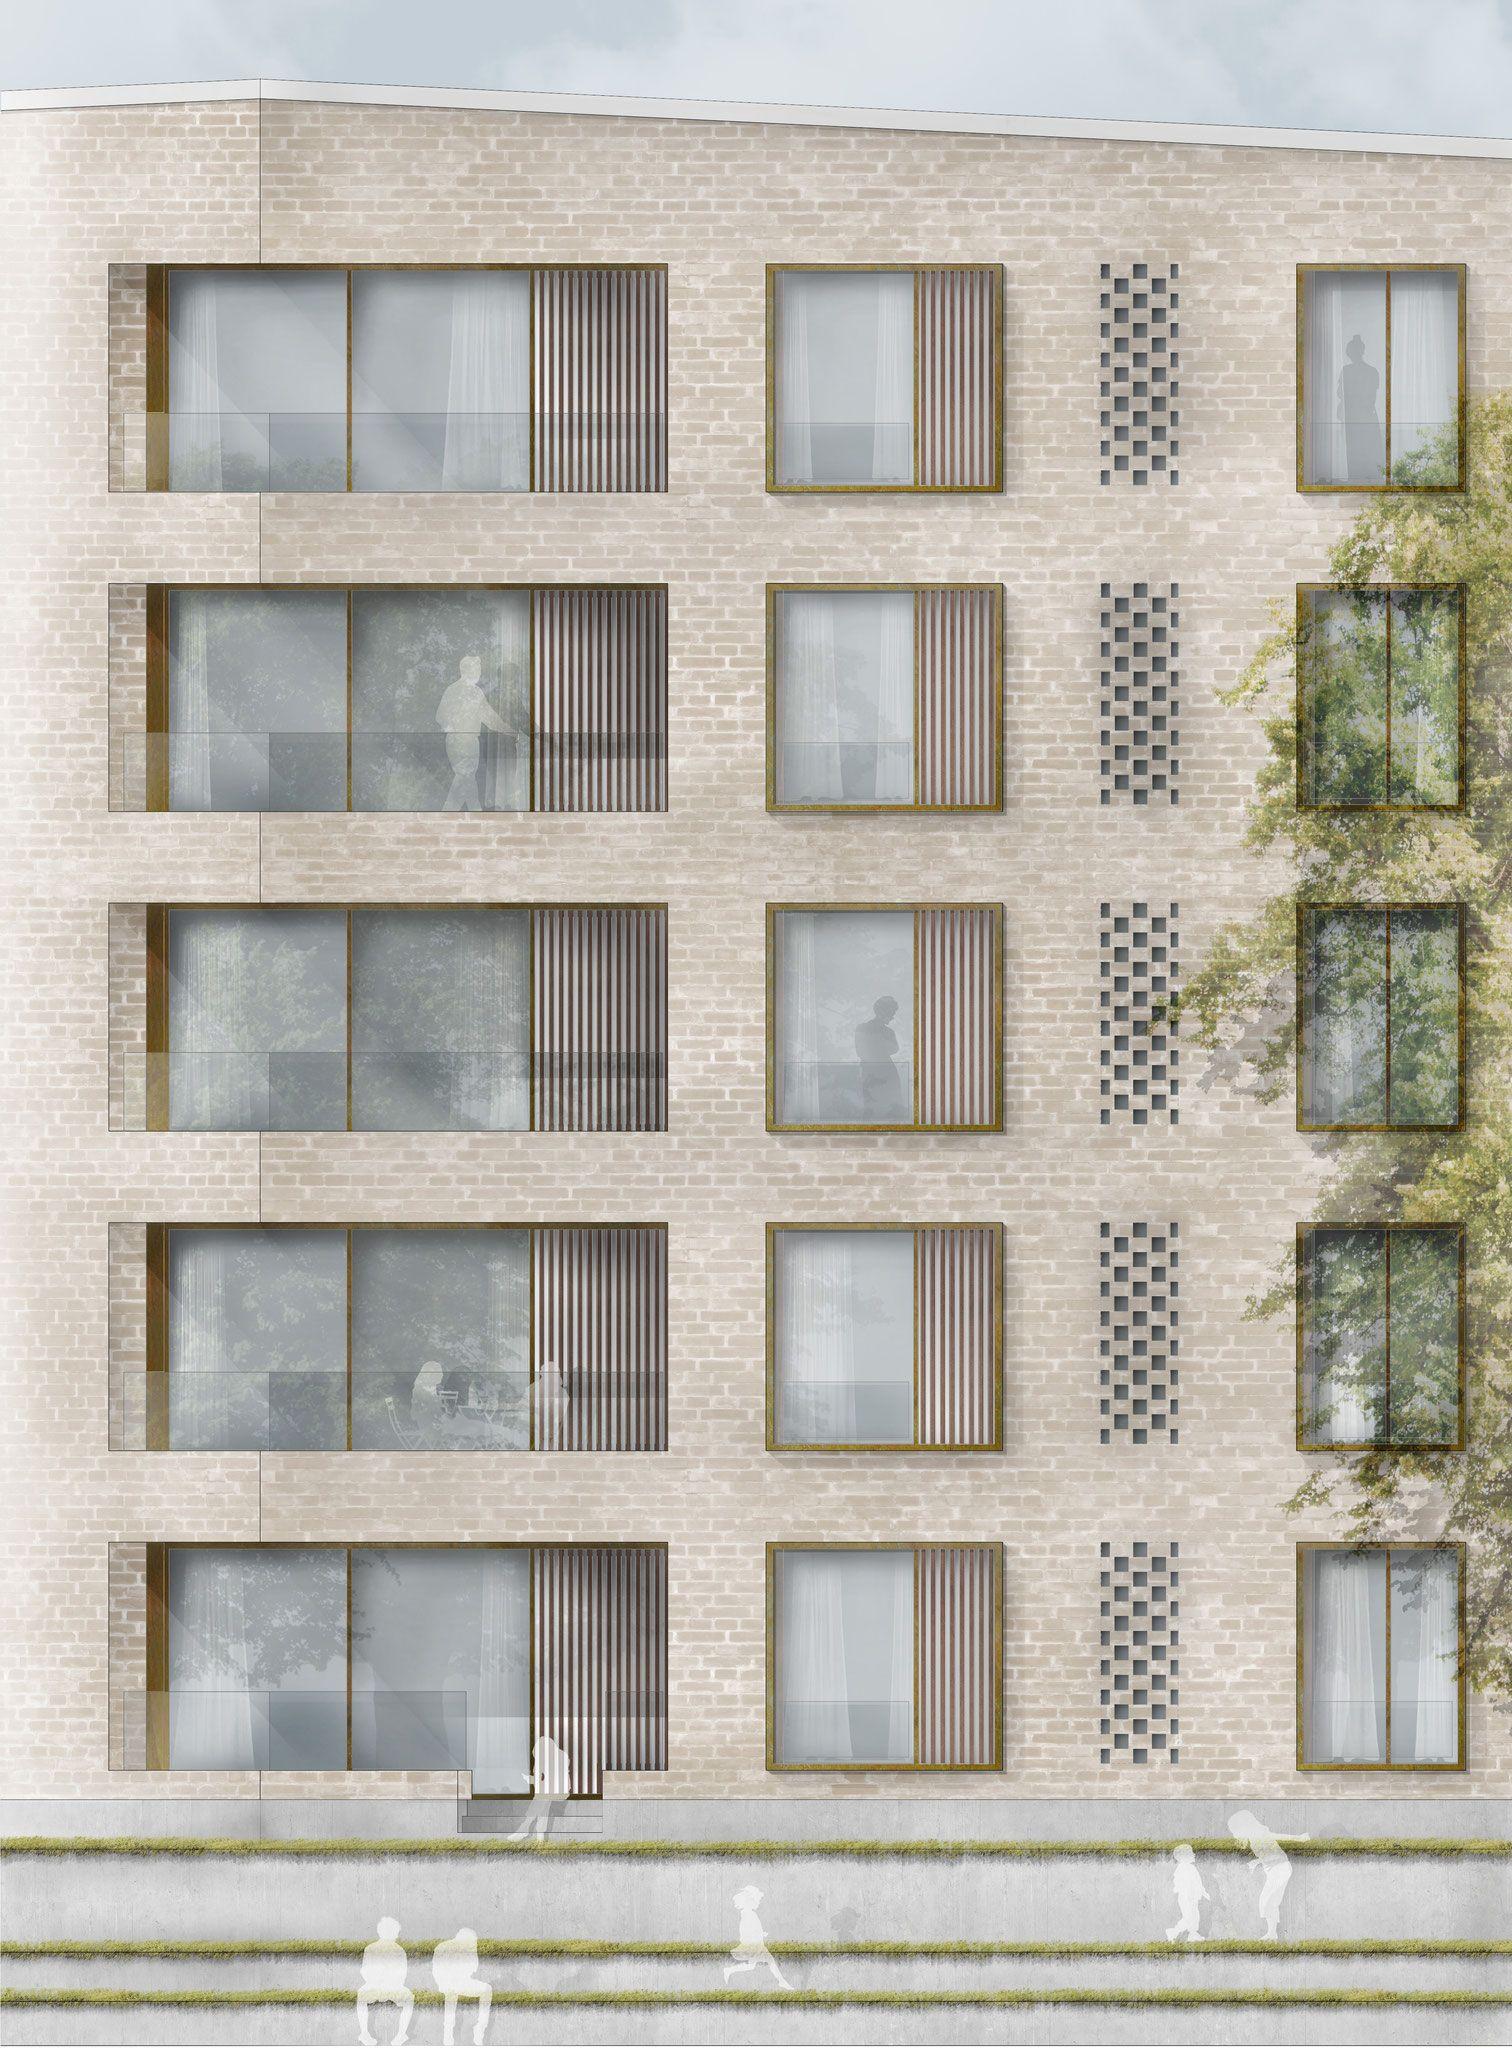 Section fassadenschnitt ansicht brick architecture - Ansicht architektur ...